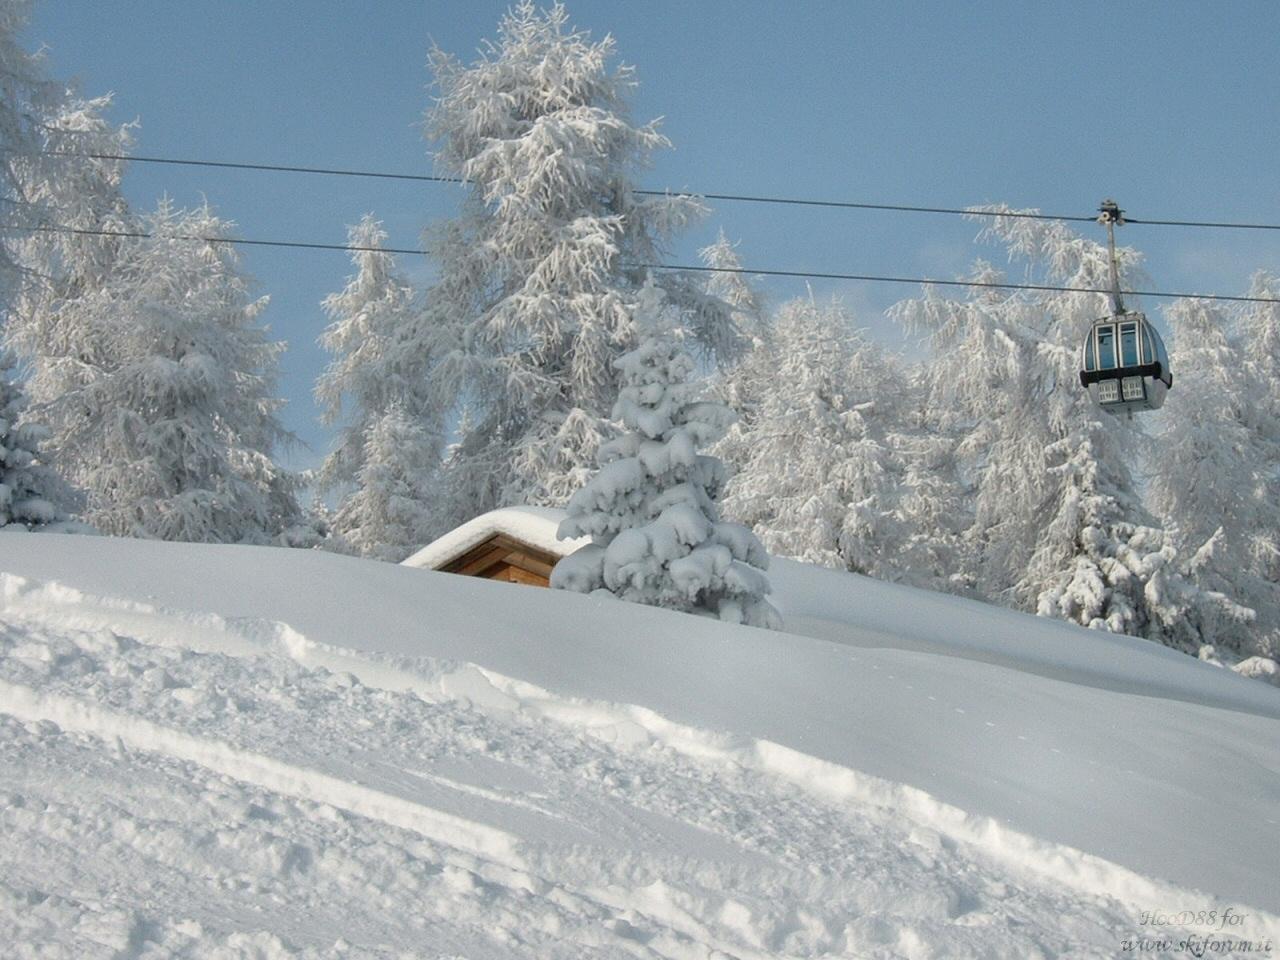 Pin sfondo paesaggio invernale 1920 x 1080 paesaggi mare for Immagini invernali per desktop gratis